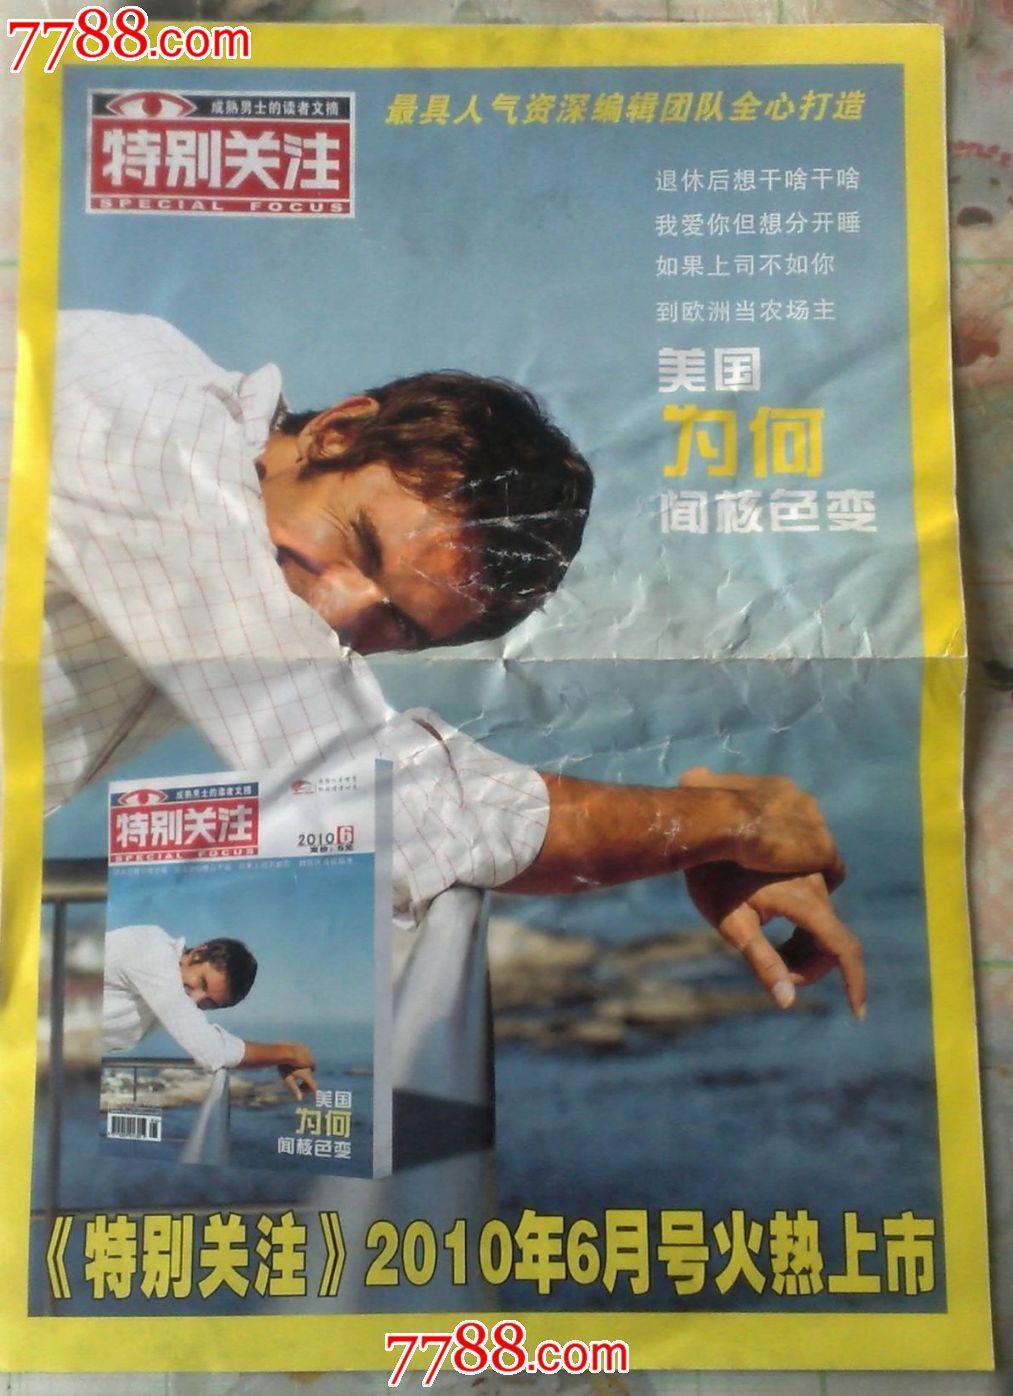 特别关注杂志宣传海报